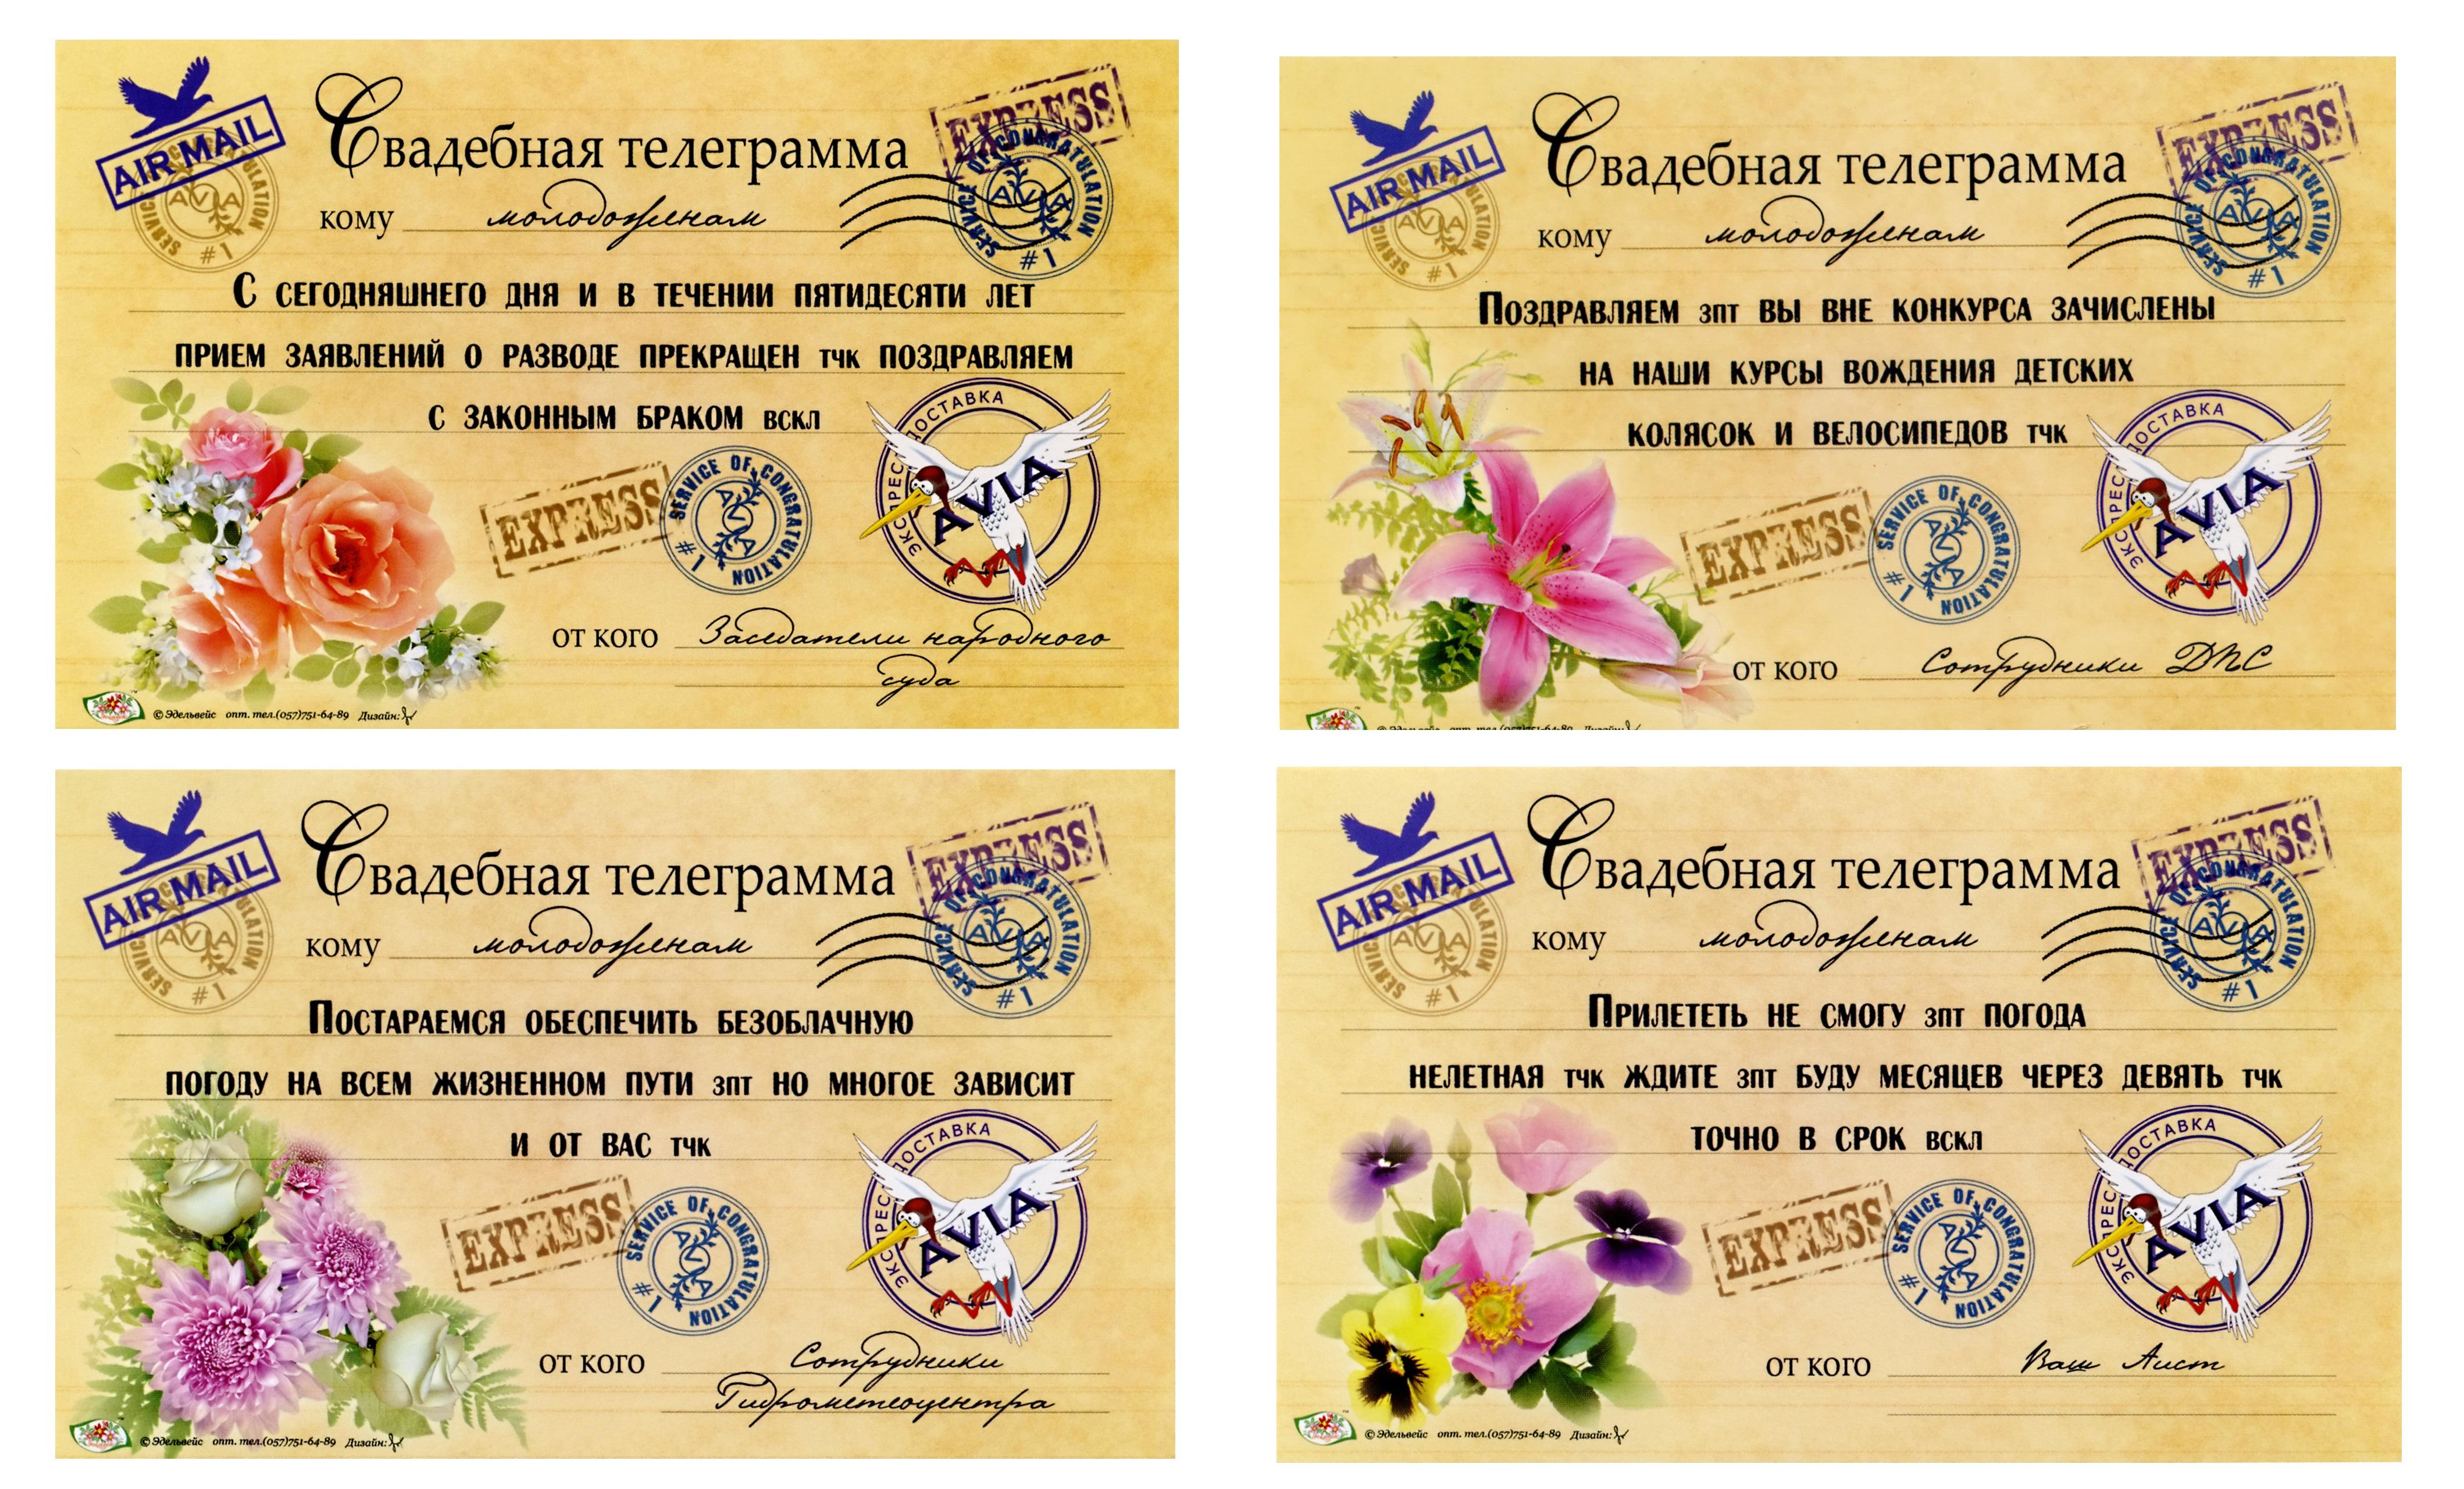 Поздравление в день свадьбы телеграмма